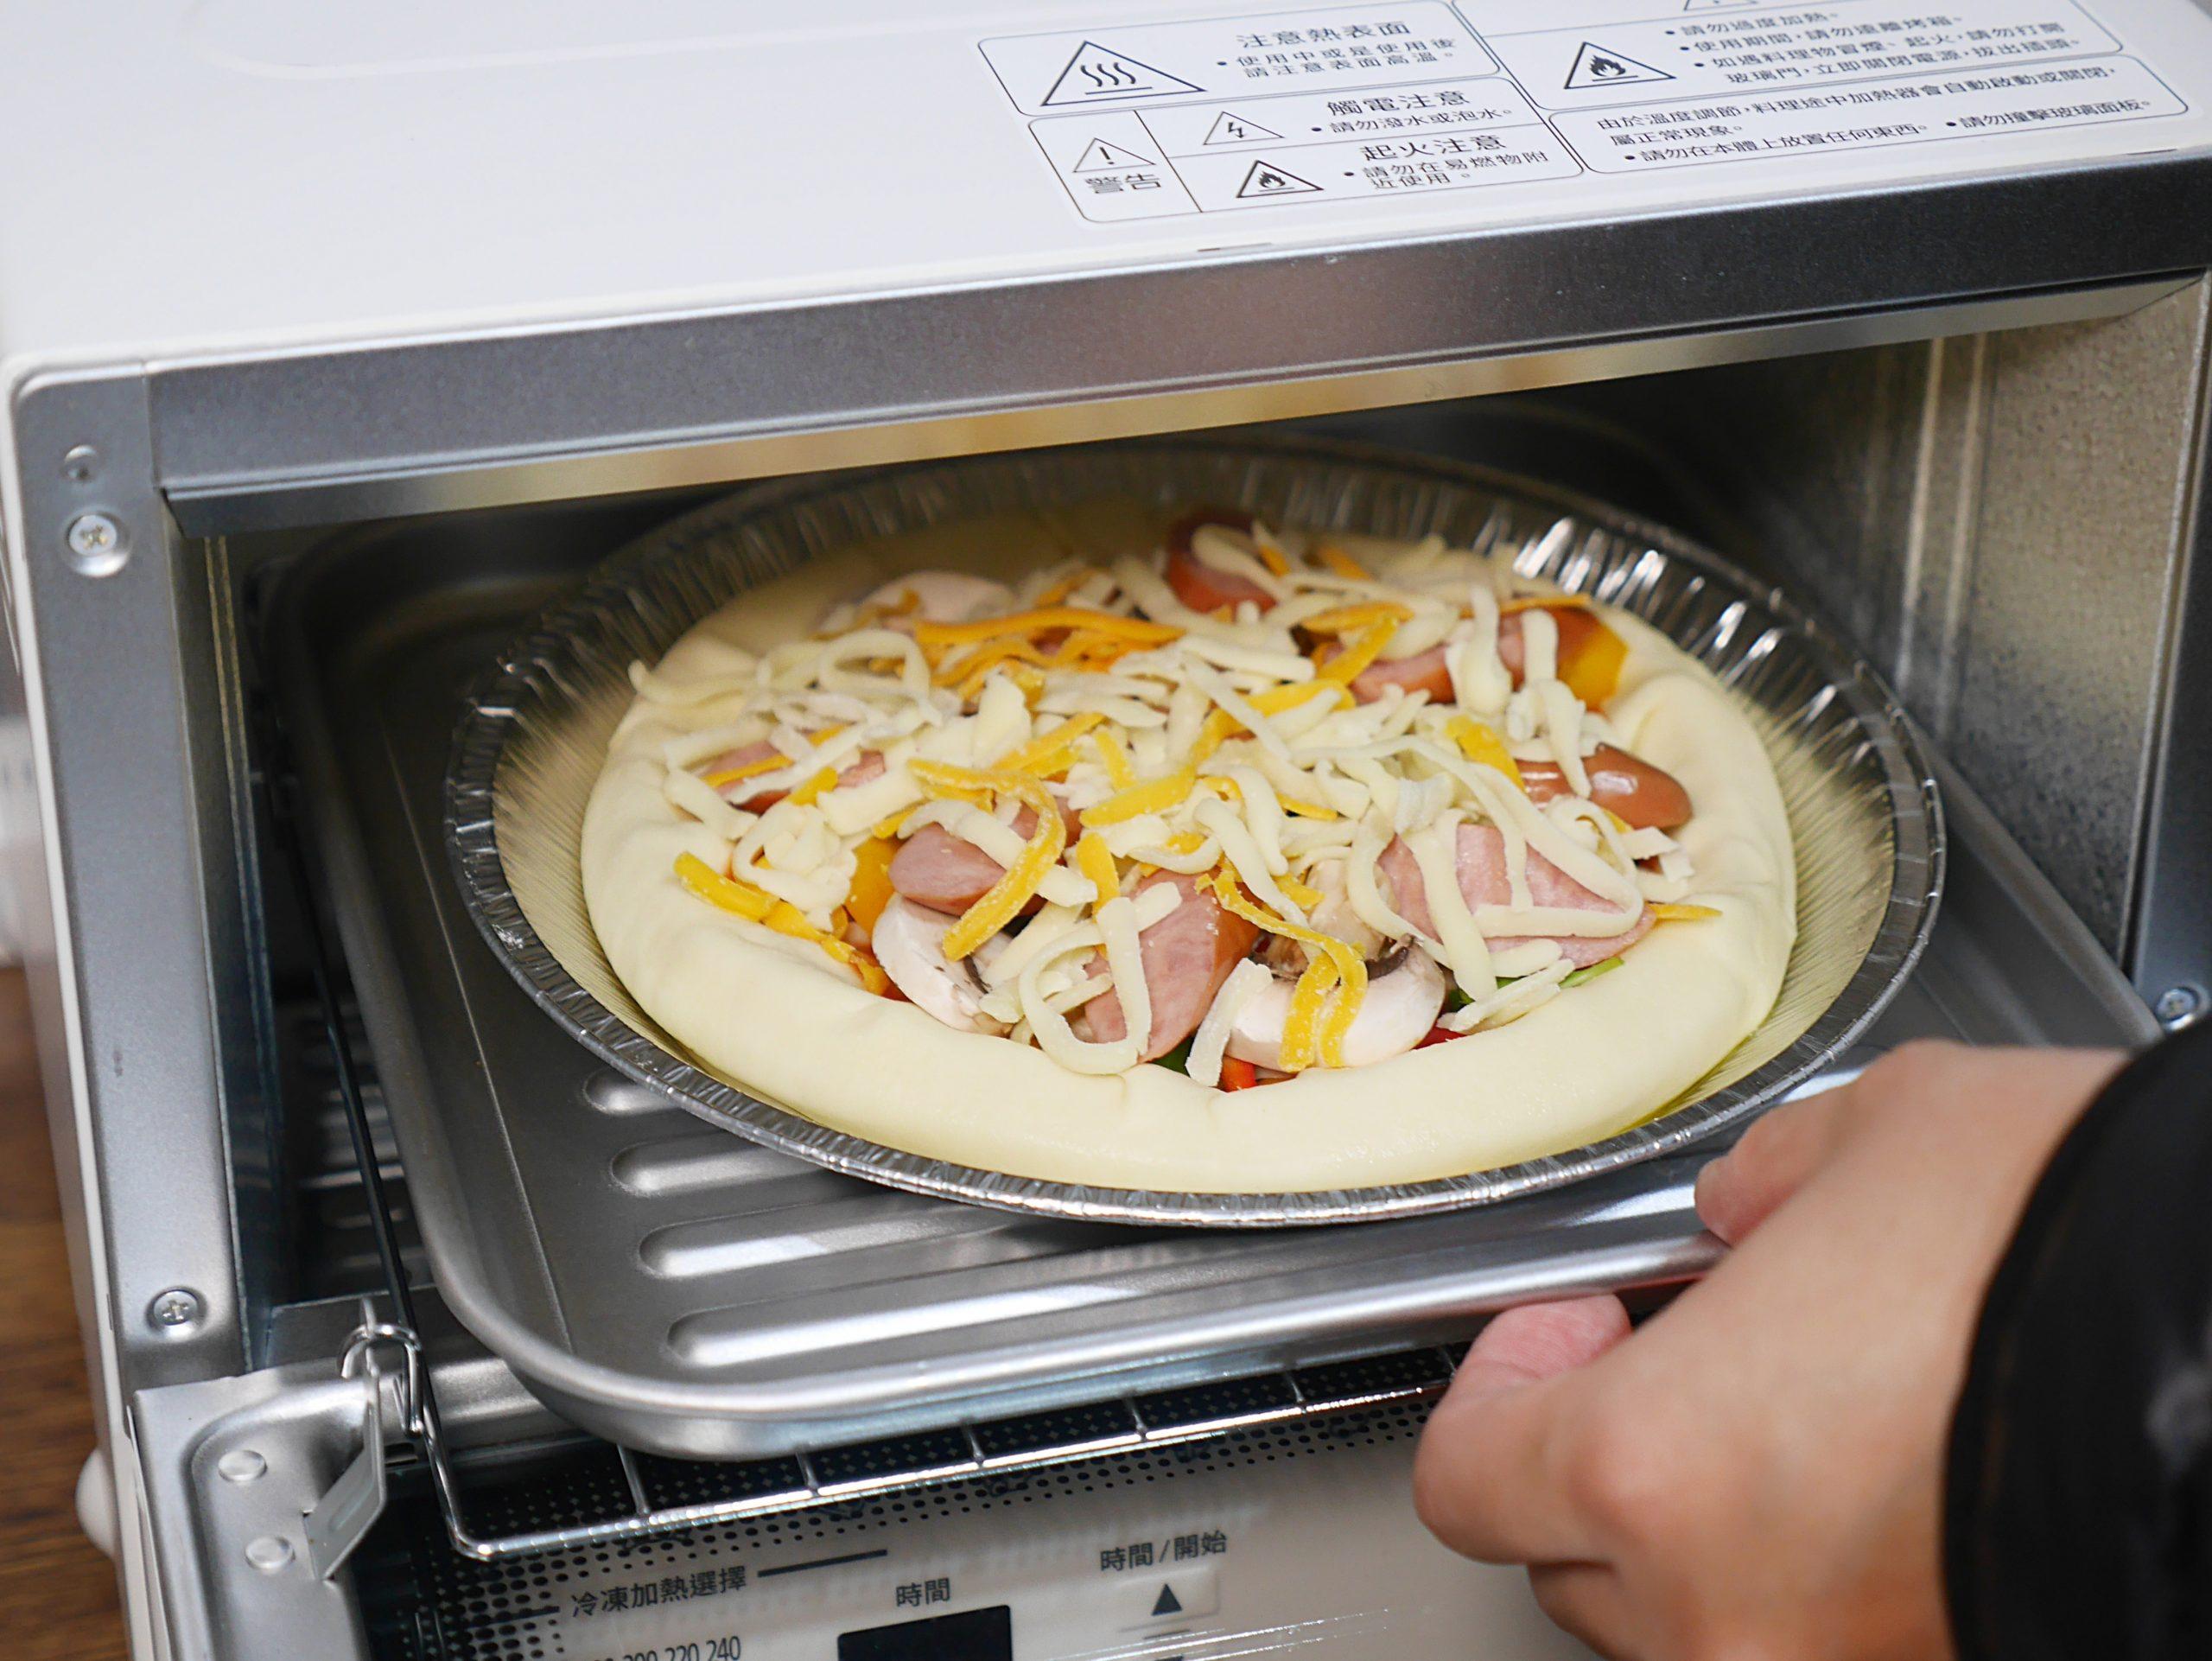 【食譜】德式香腸芝心披薩|美式披薩店最熱門的芝心餅皮做法